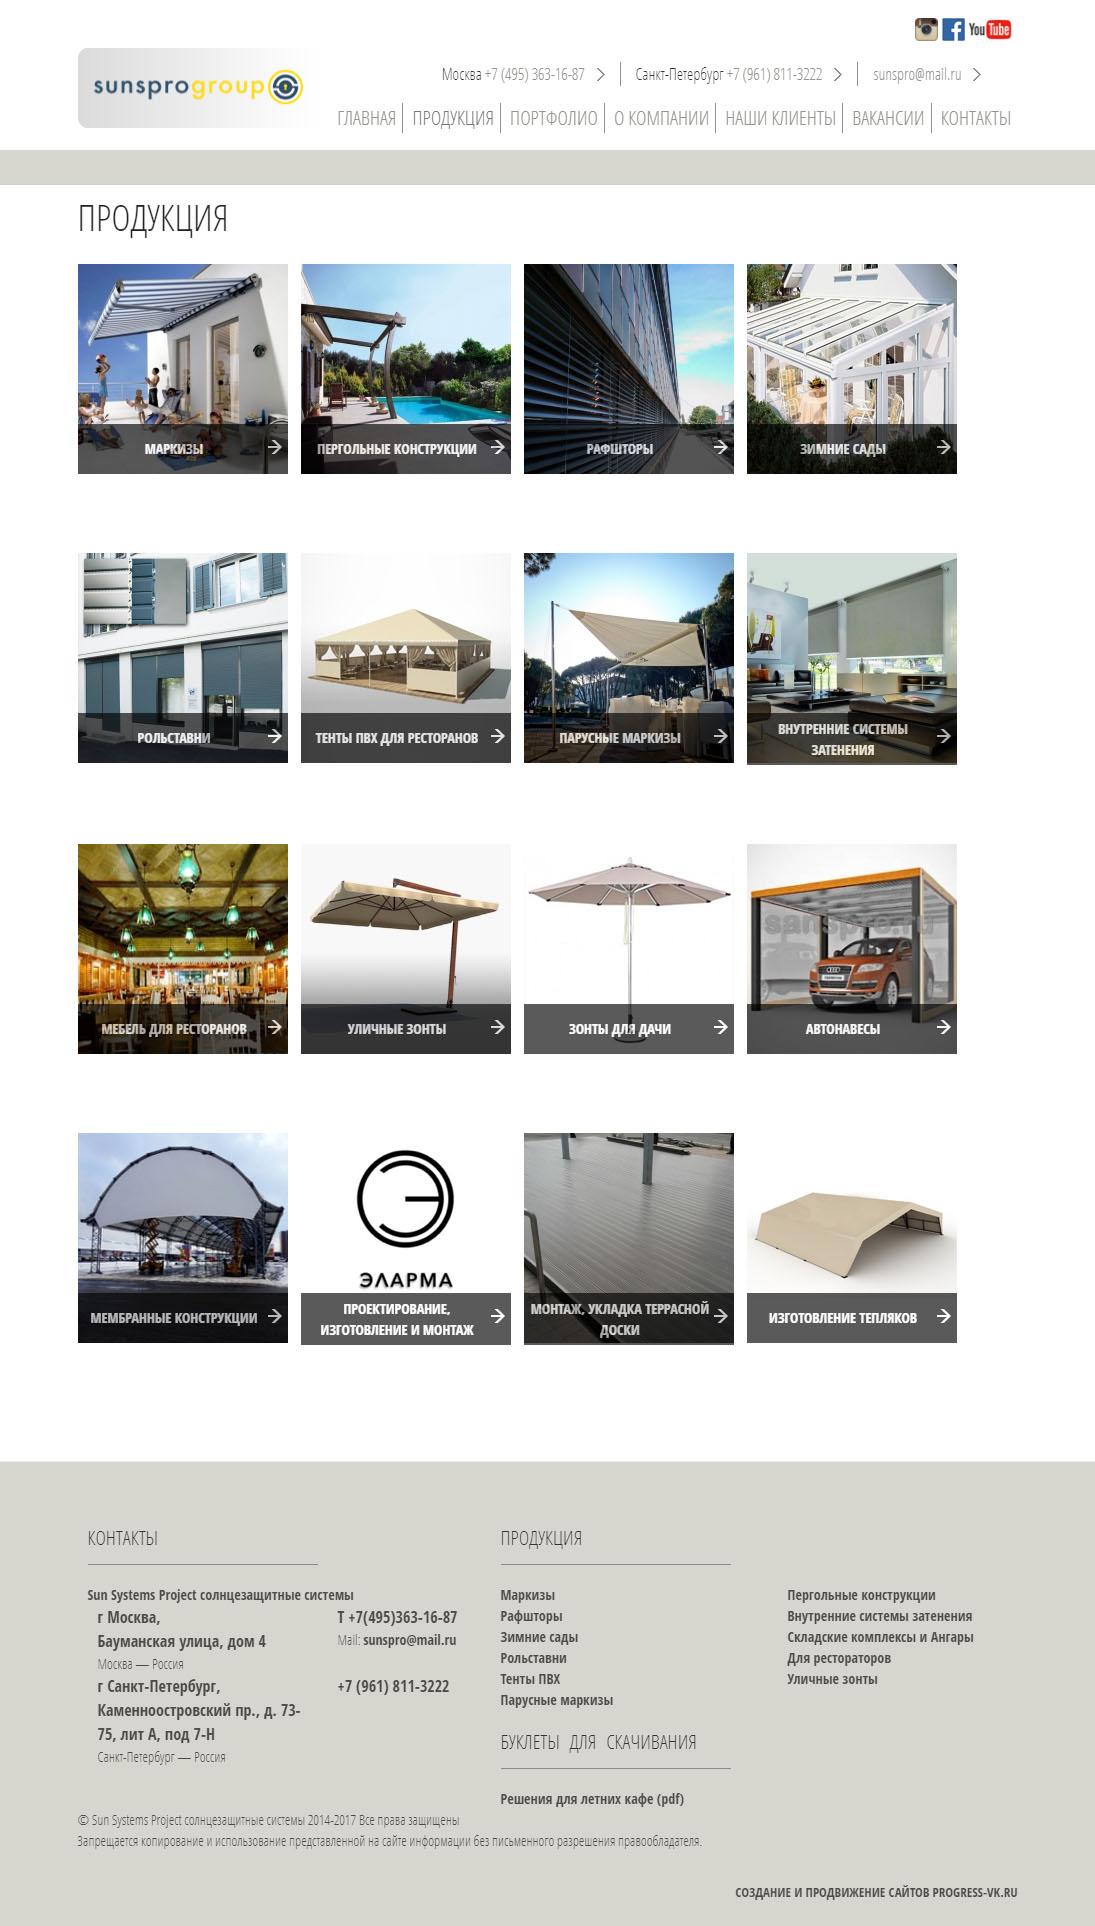 Создание сайта по производству уличных зонтов